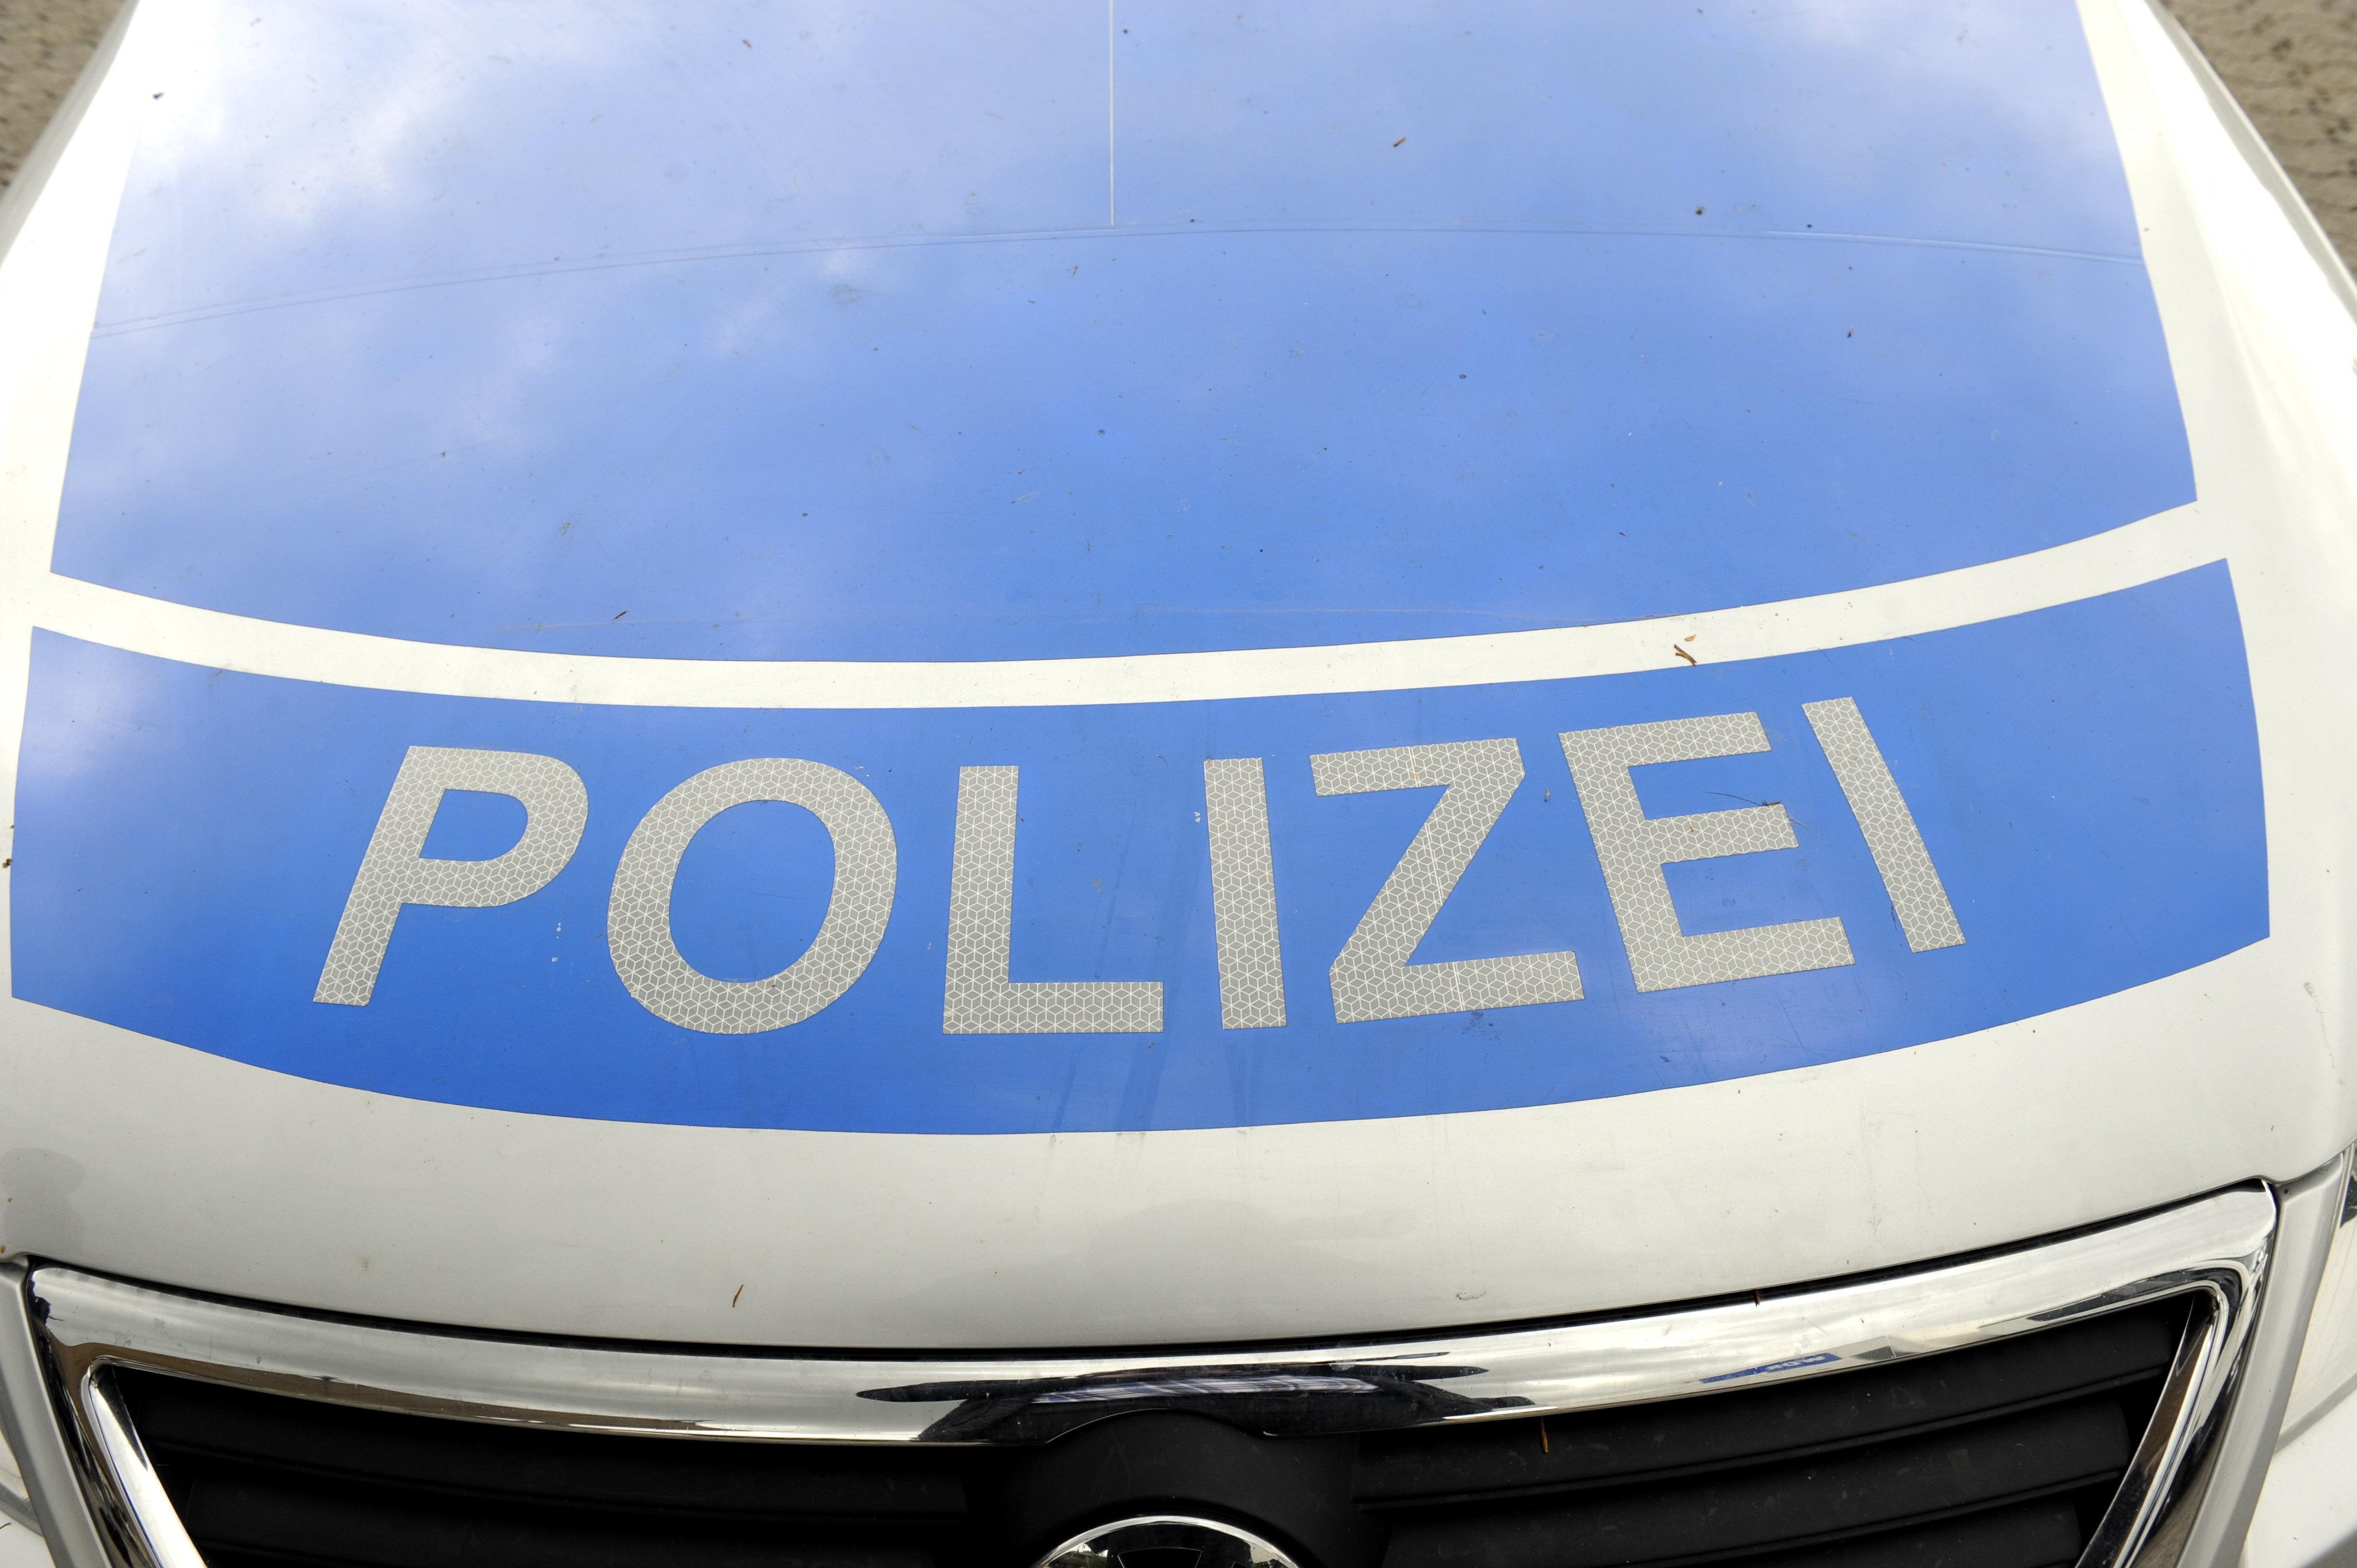 Polizei stoppt Wagen auf der Autobahn – ein Blick in den Kofferraum genügt, um die Insassen zu